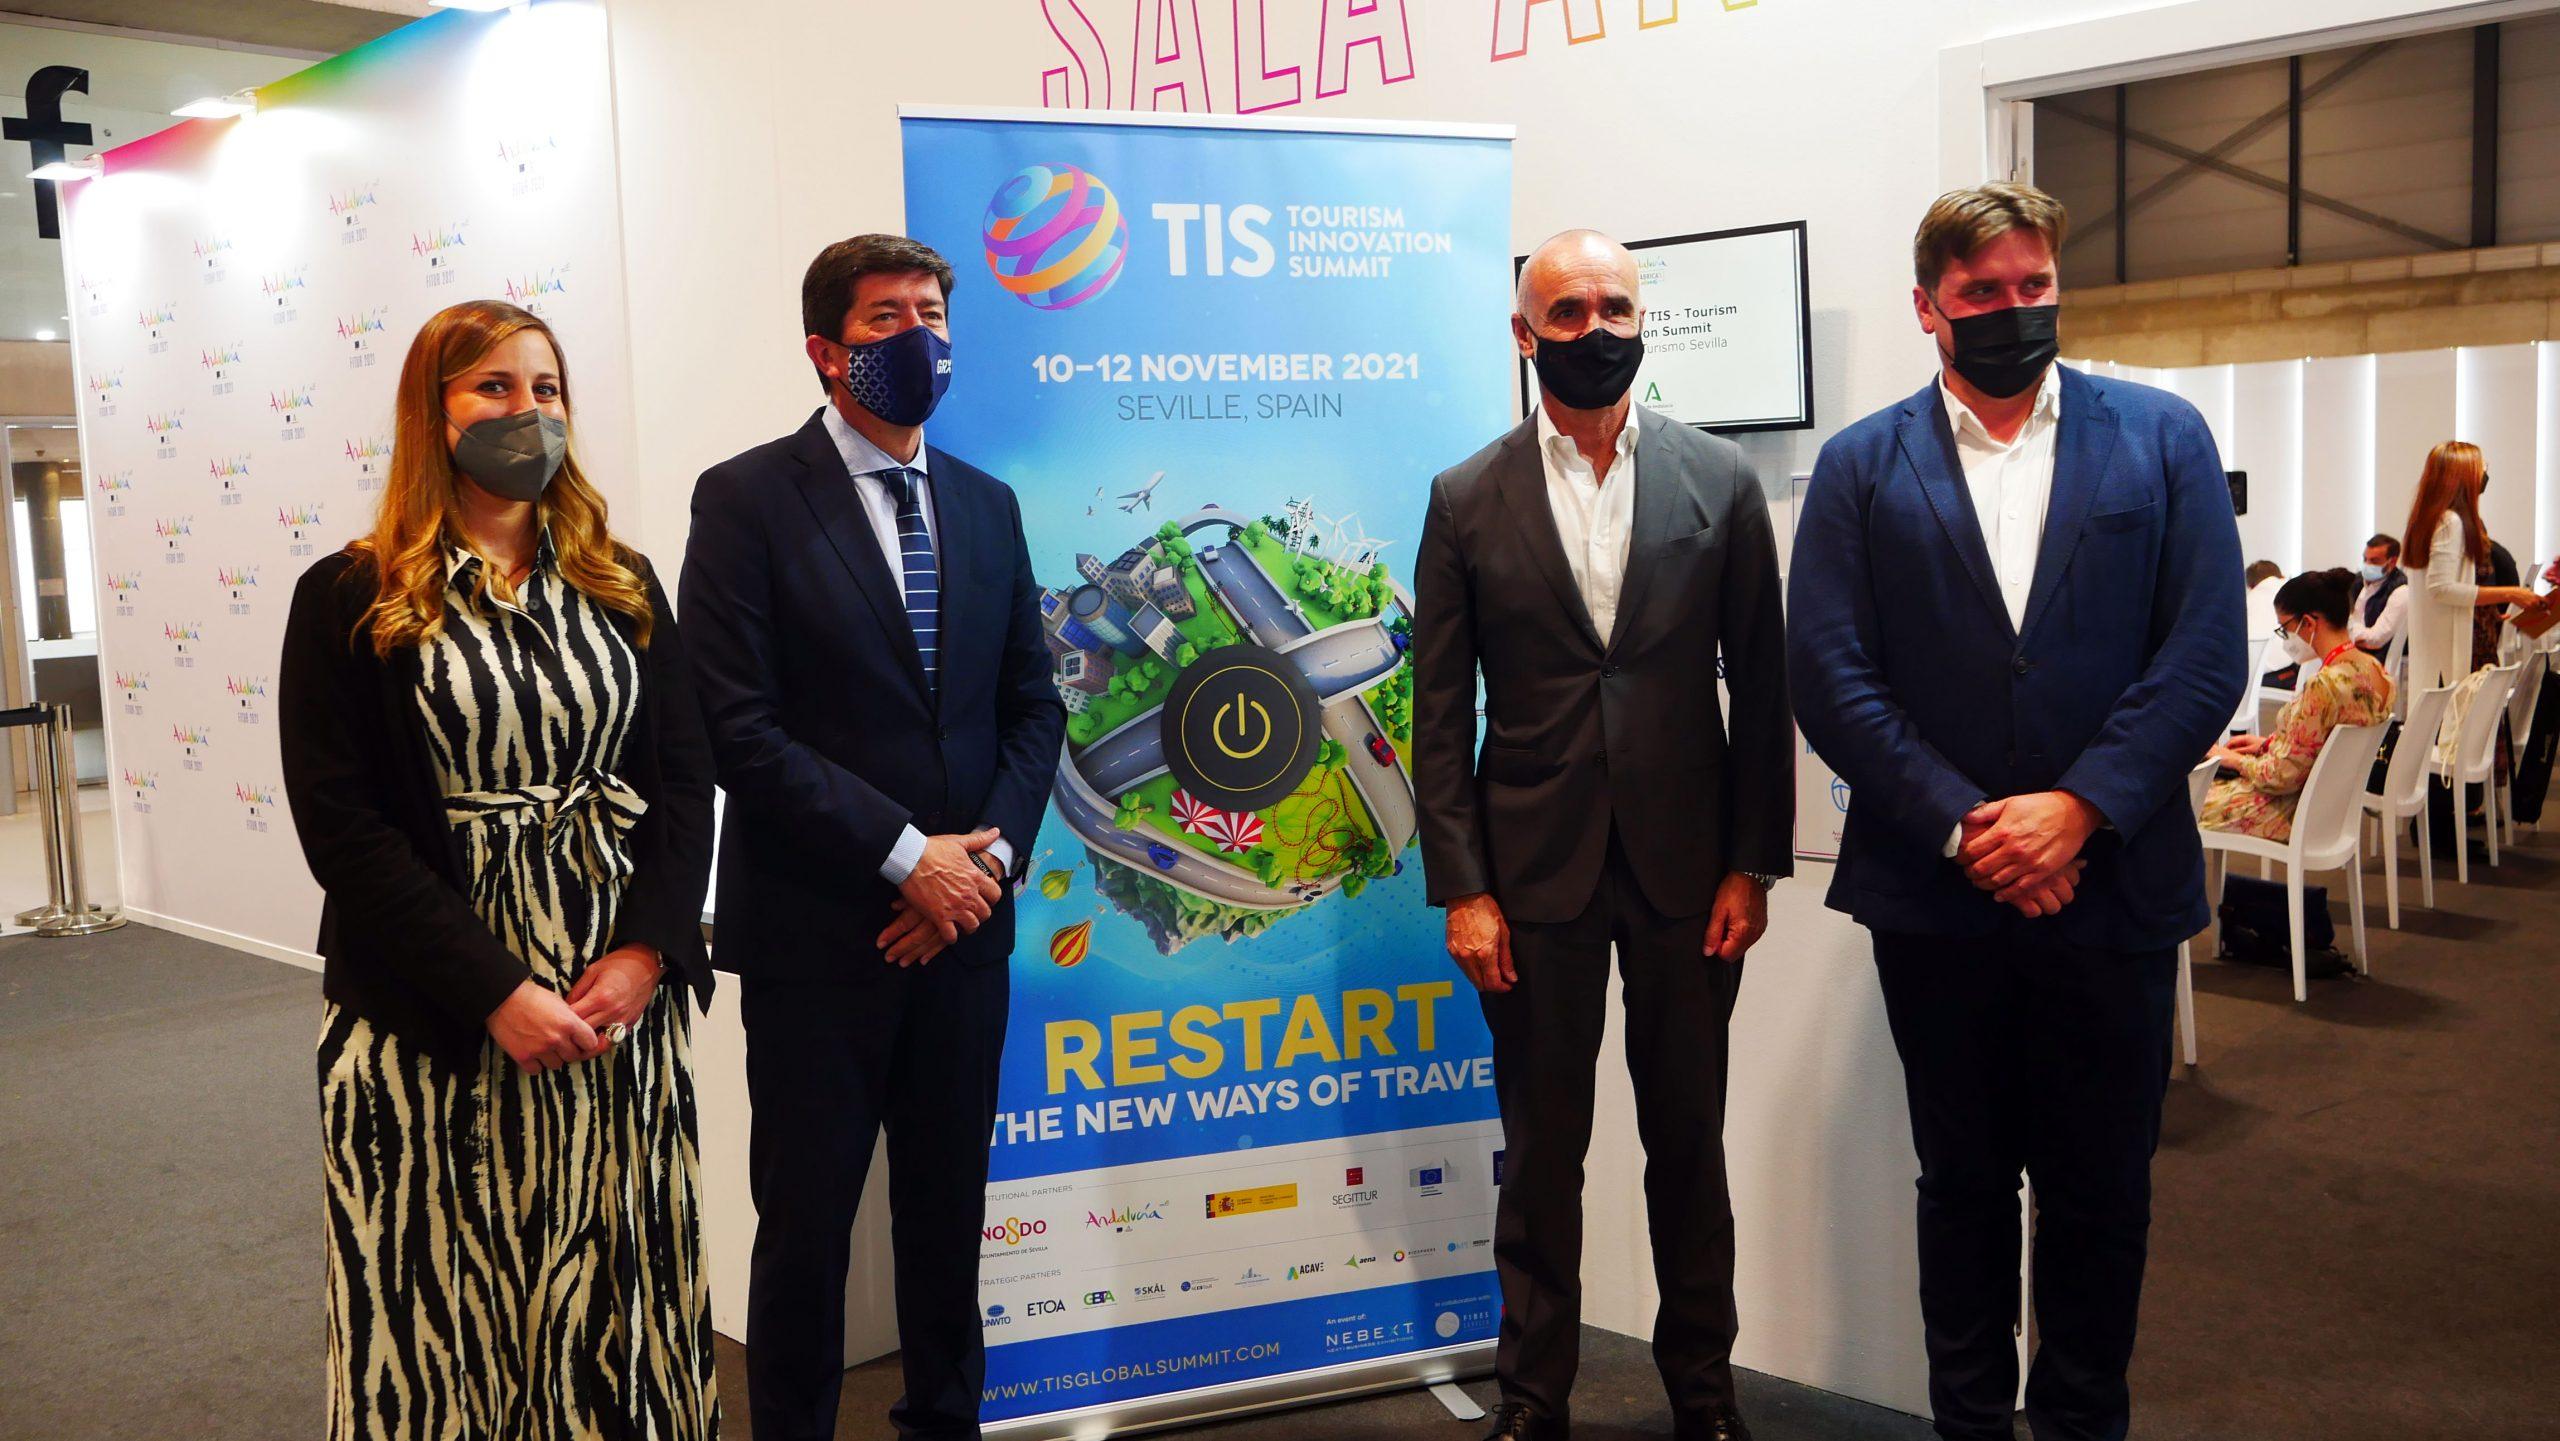 Digitalización, confianza, inclusión y sostenibilidad serán los pilares de TIS2021 para reactivar el turismo